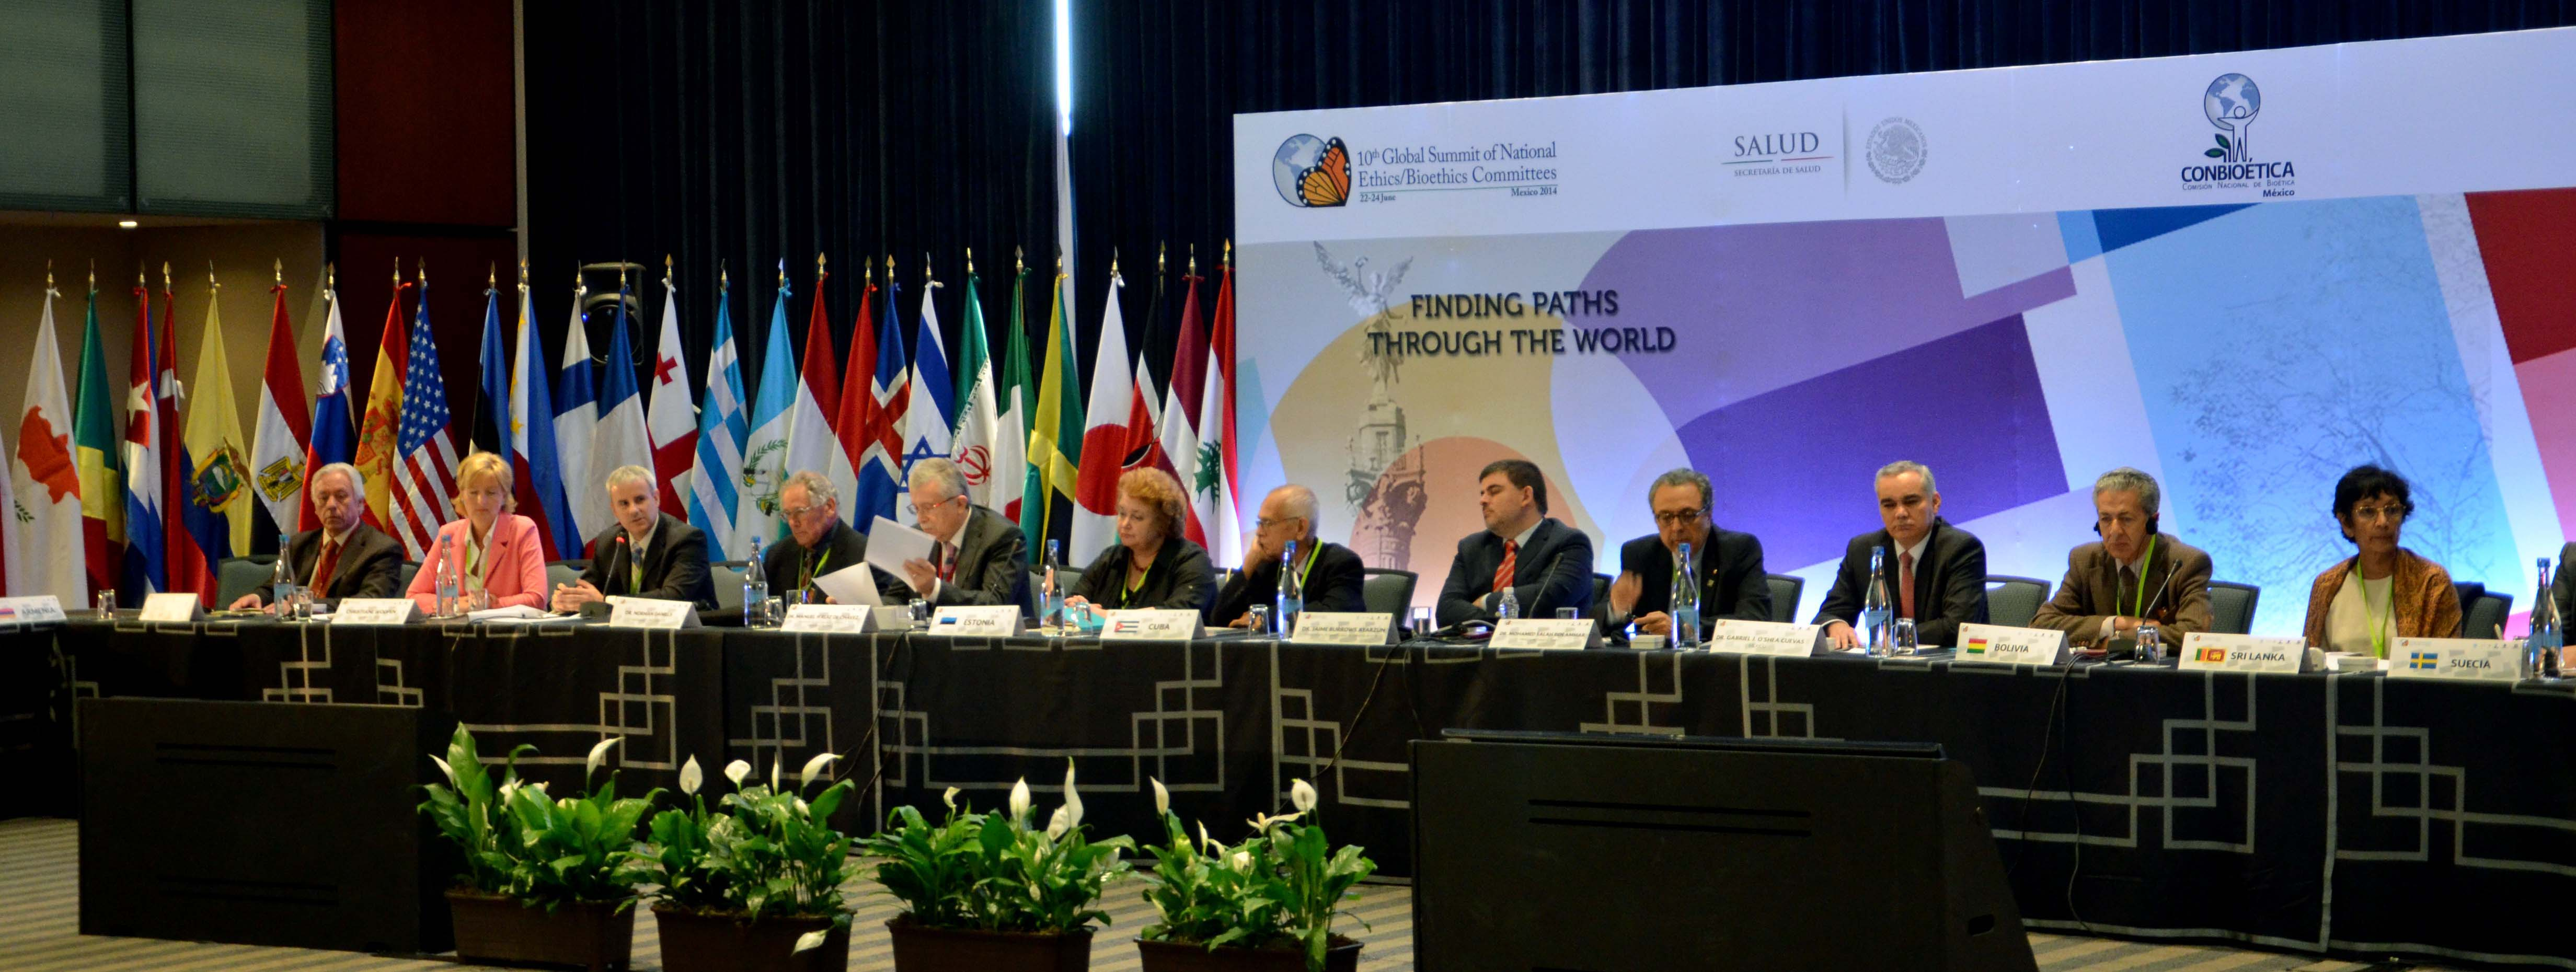 10 Cumbre Global de Comisiones Nacionales de Ética y Bioética